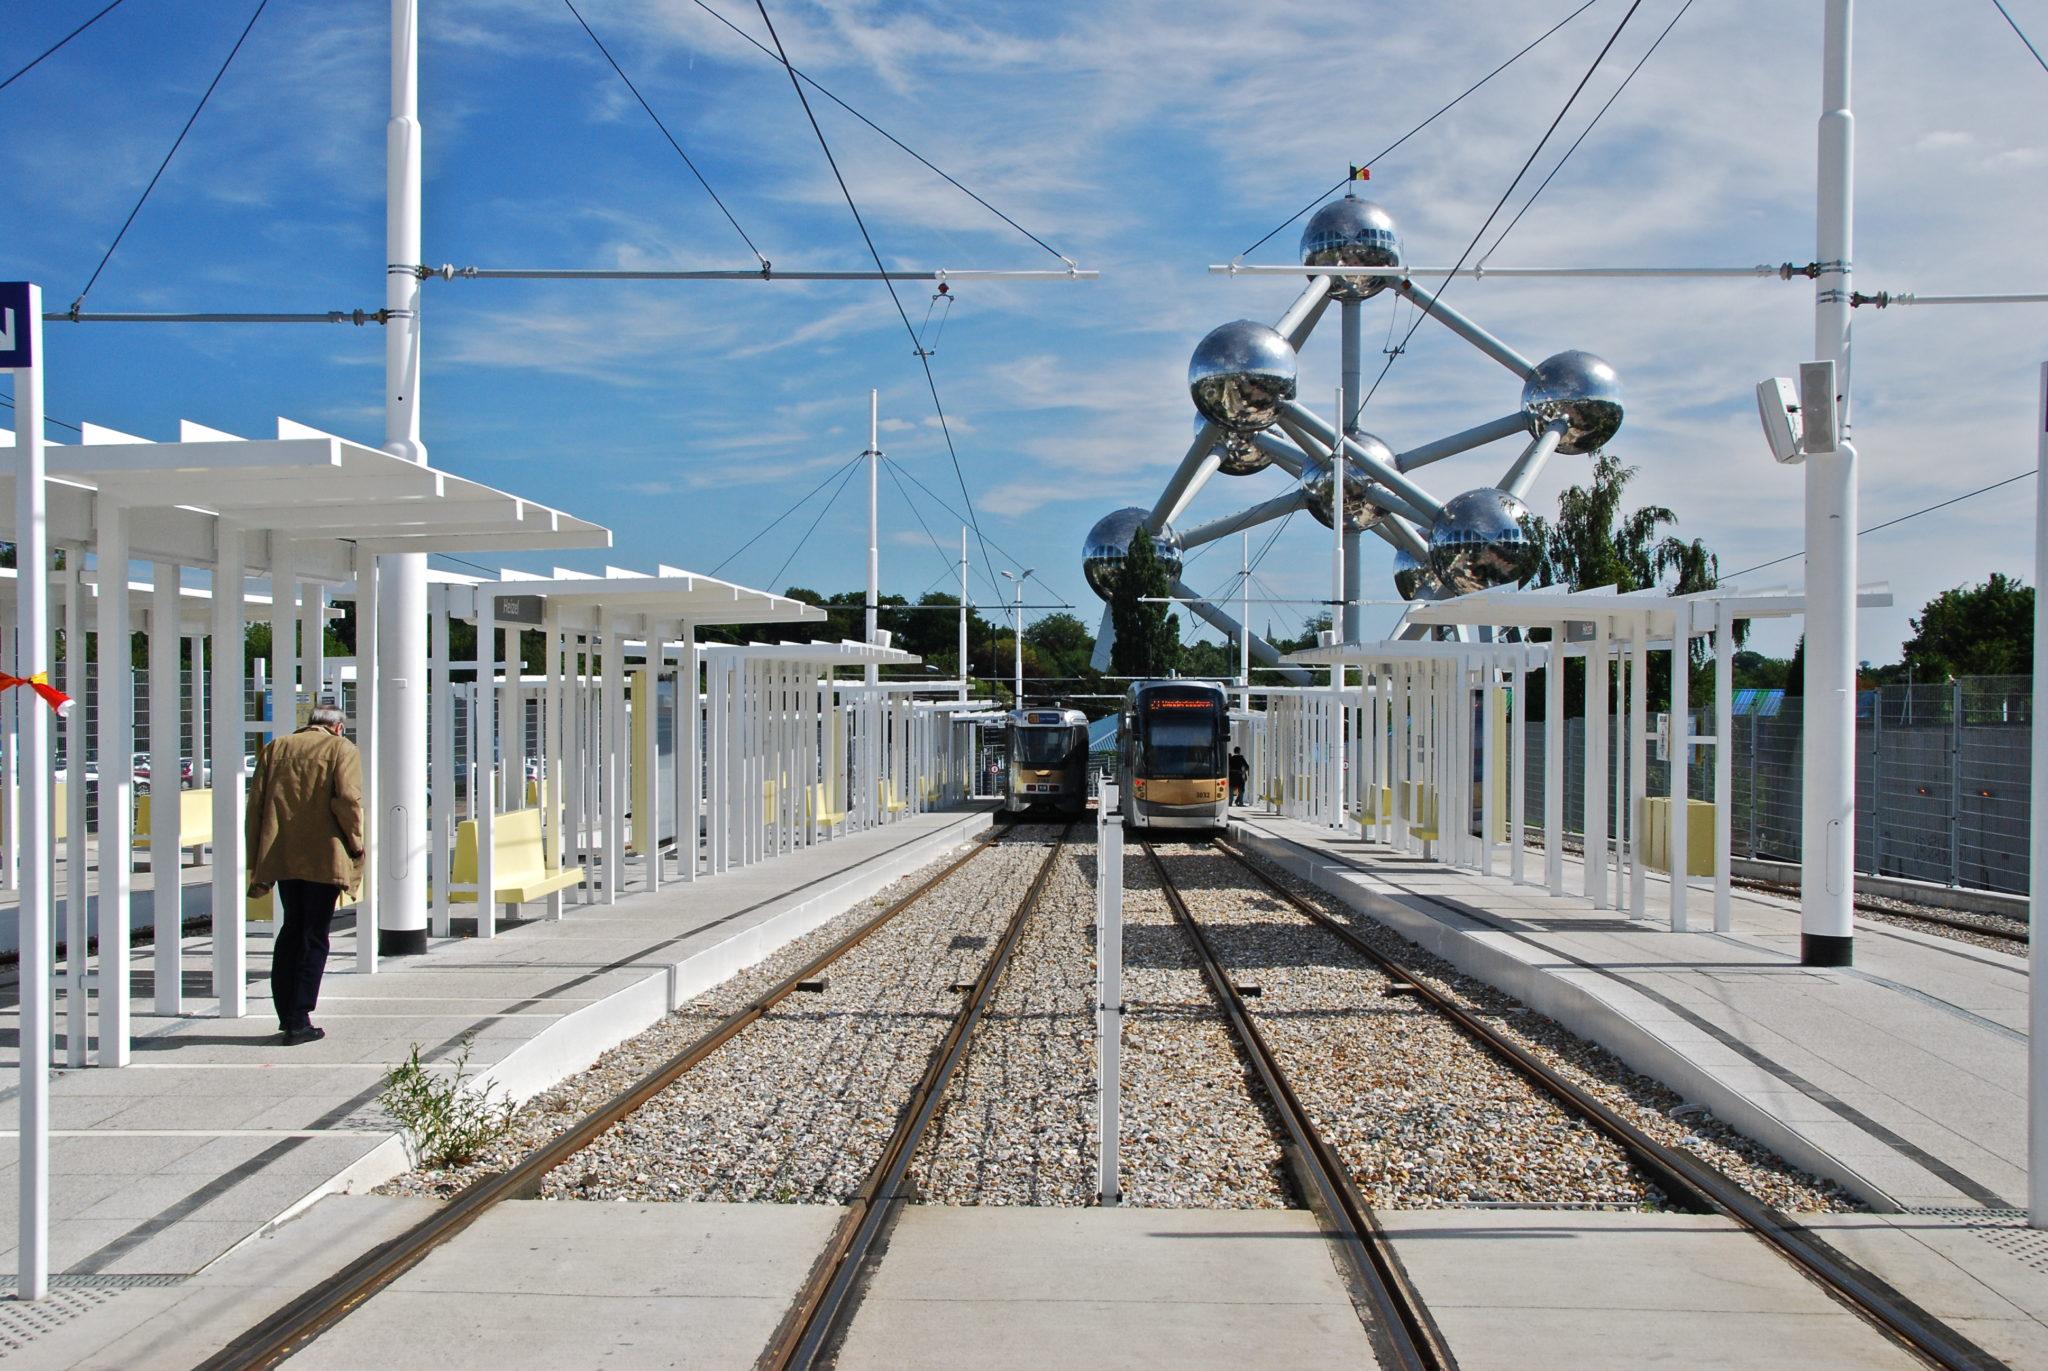 A tram in Brussels